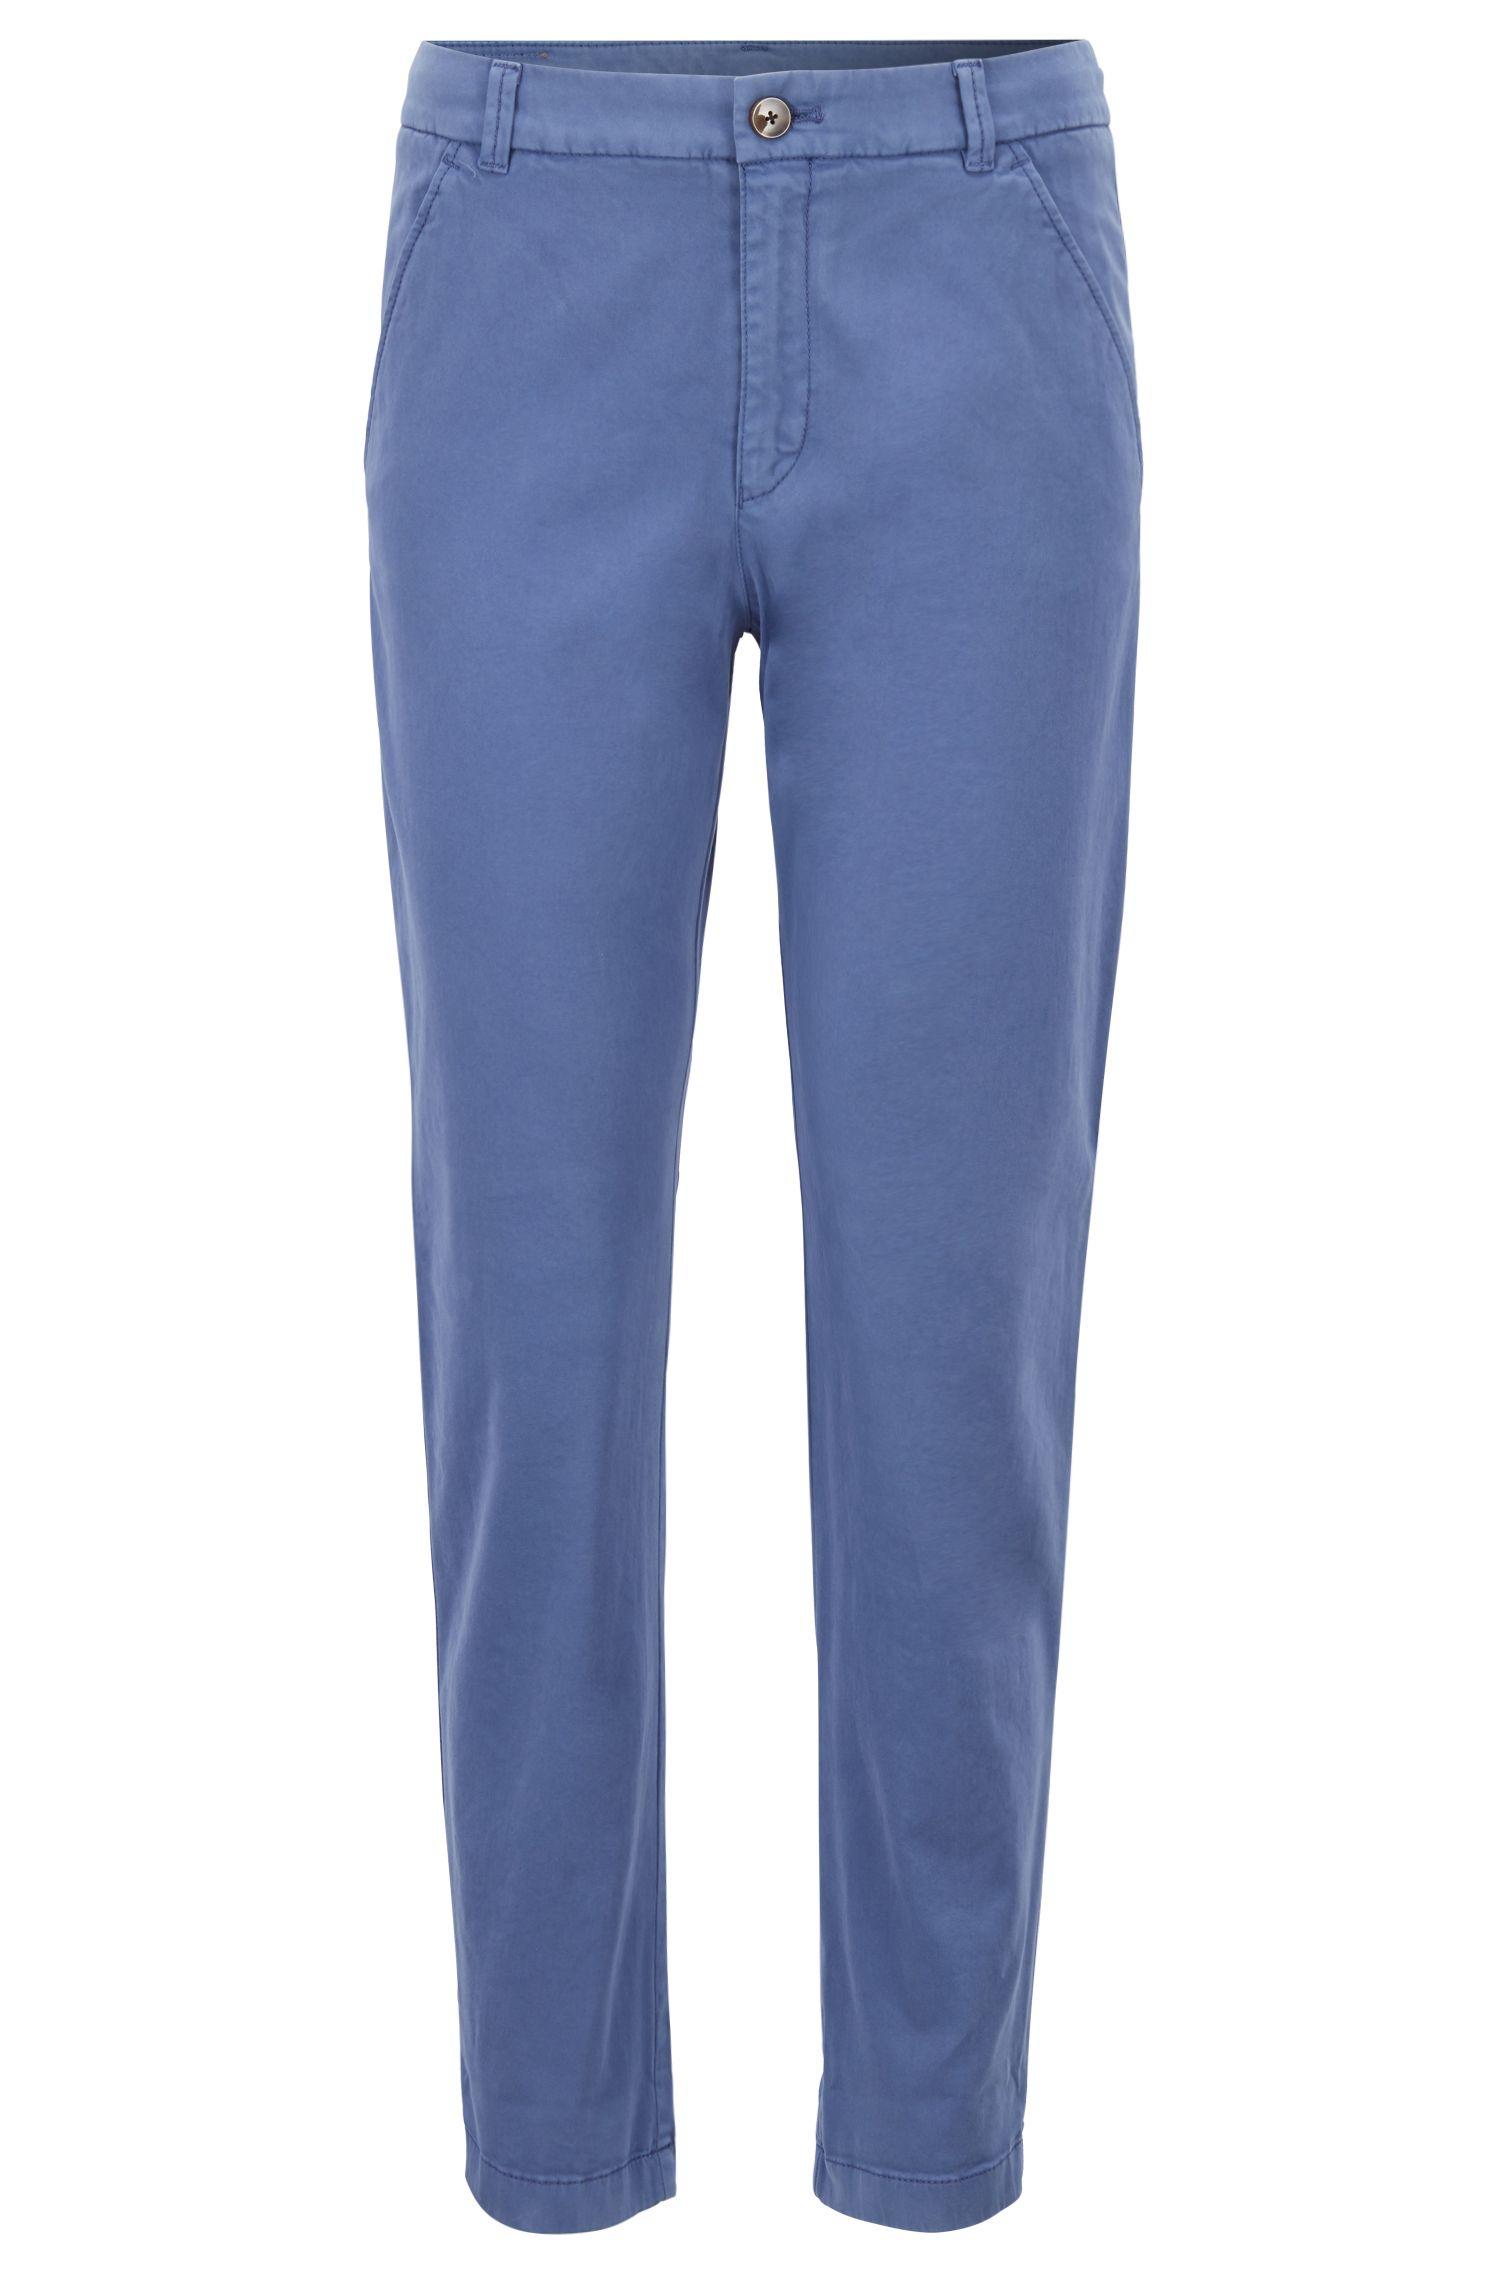 Chino alla caviglia in cotone elasticizzato effetto satin, Blu